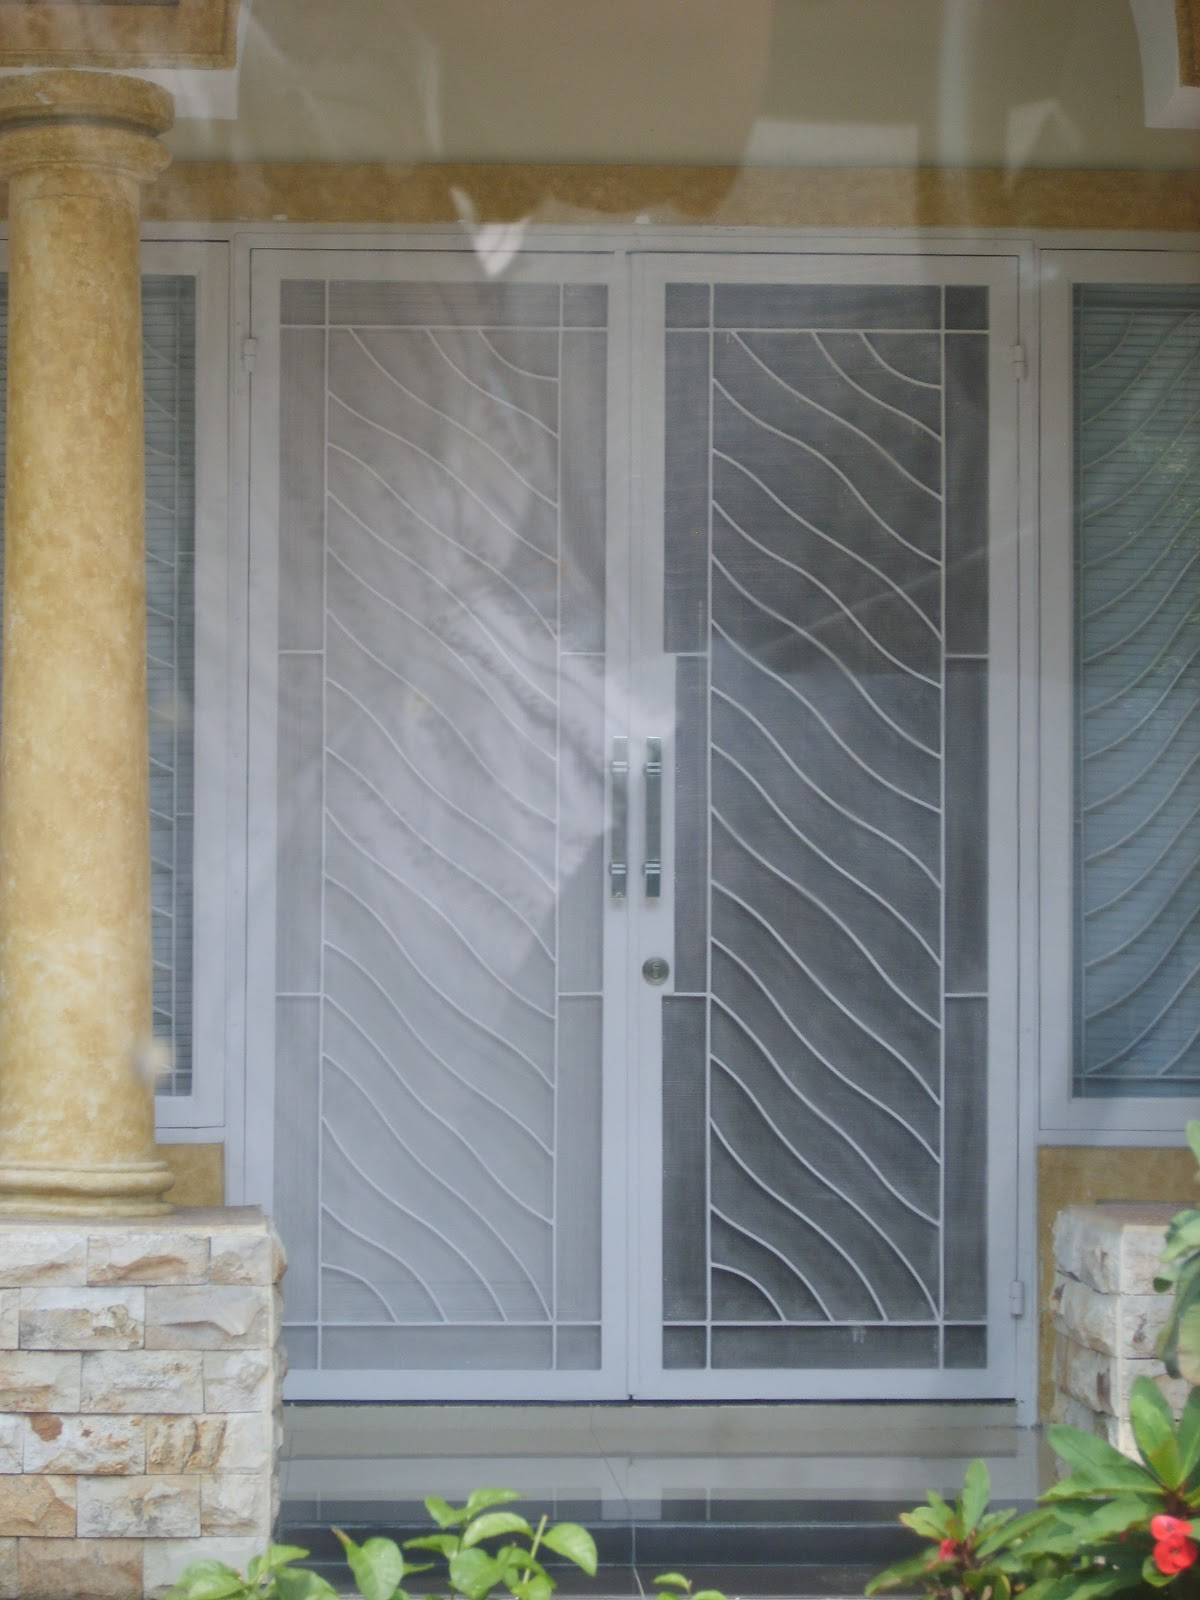 Gambar Teralis Dan Pintu Besi Teralis Minimalis Amp Clasik